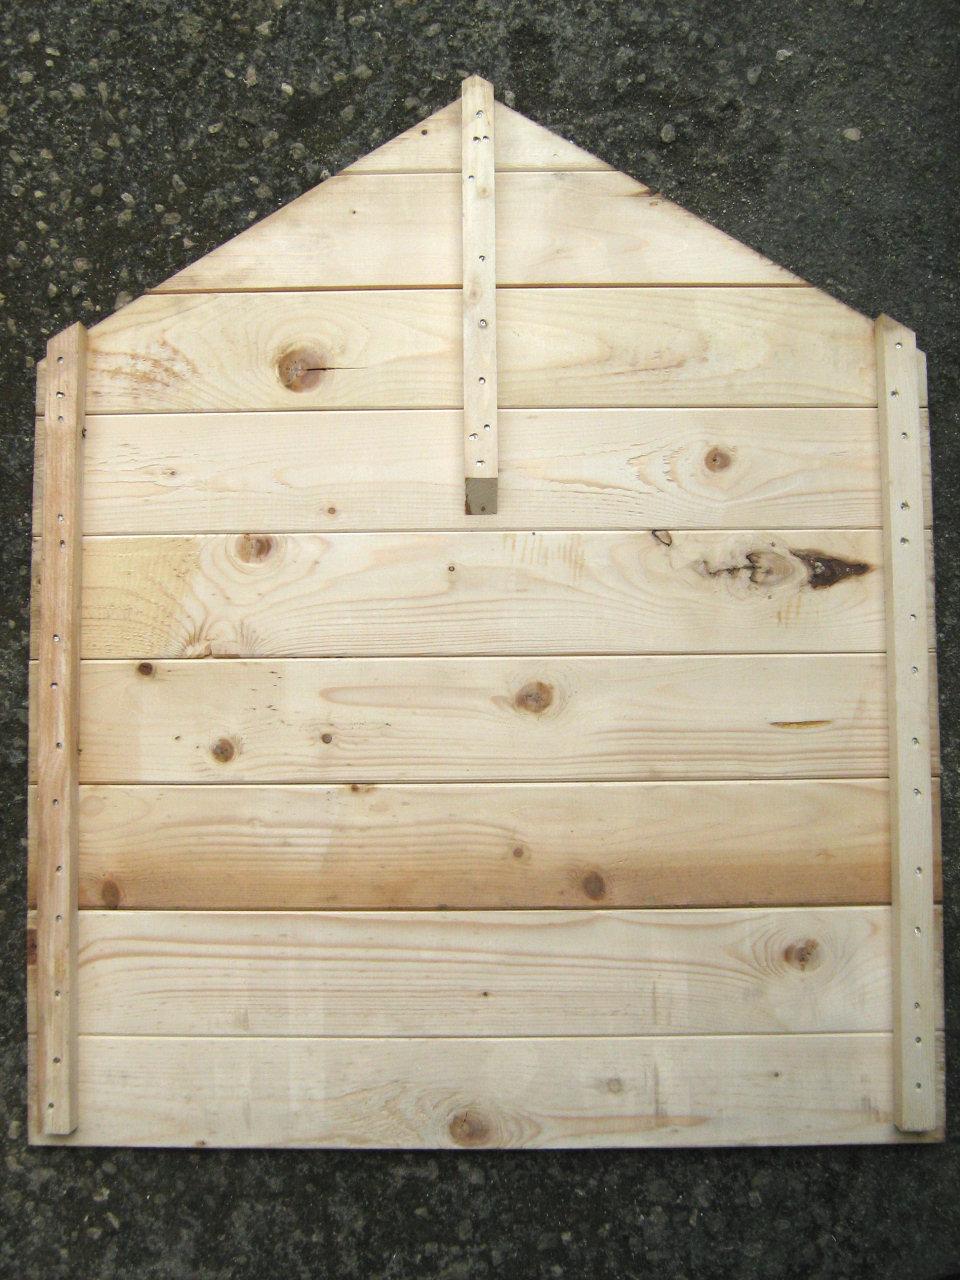 Cuccia cane legno tutte le offerte cascare a fagiolo for Cuccia cane coibentata